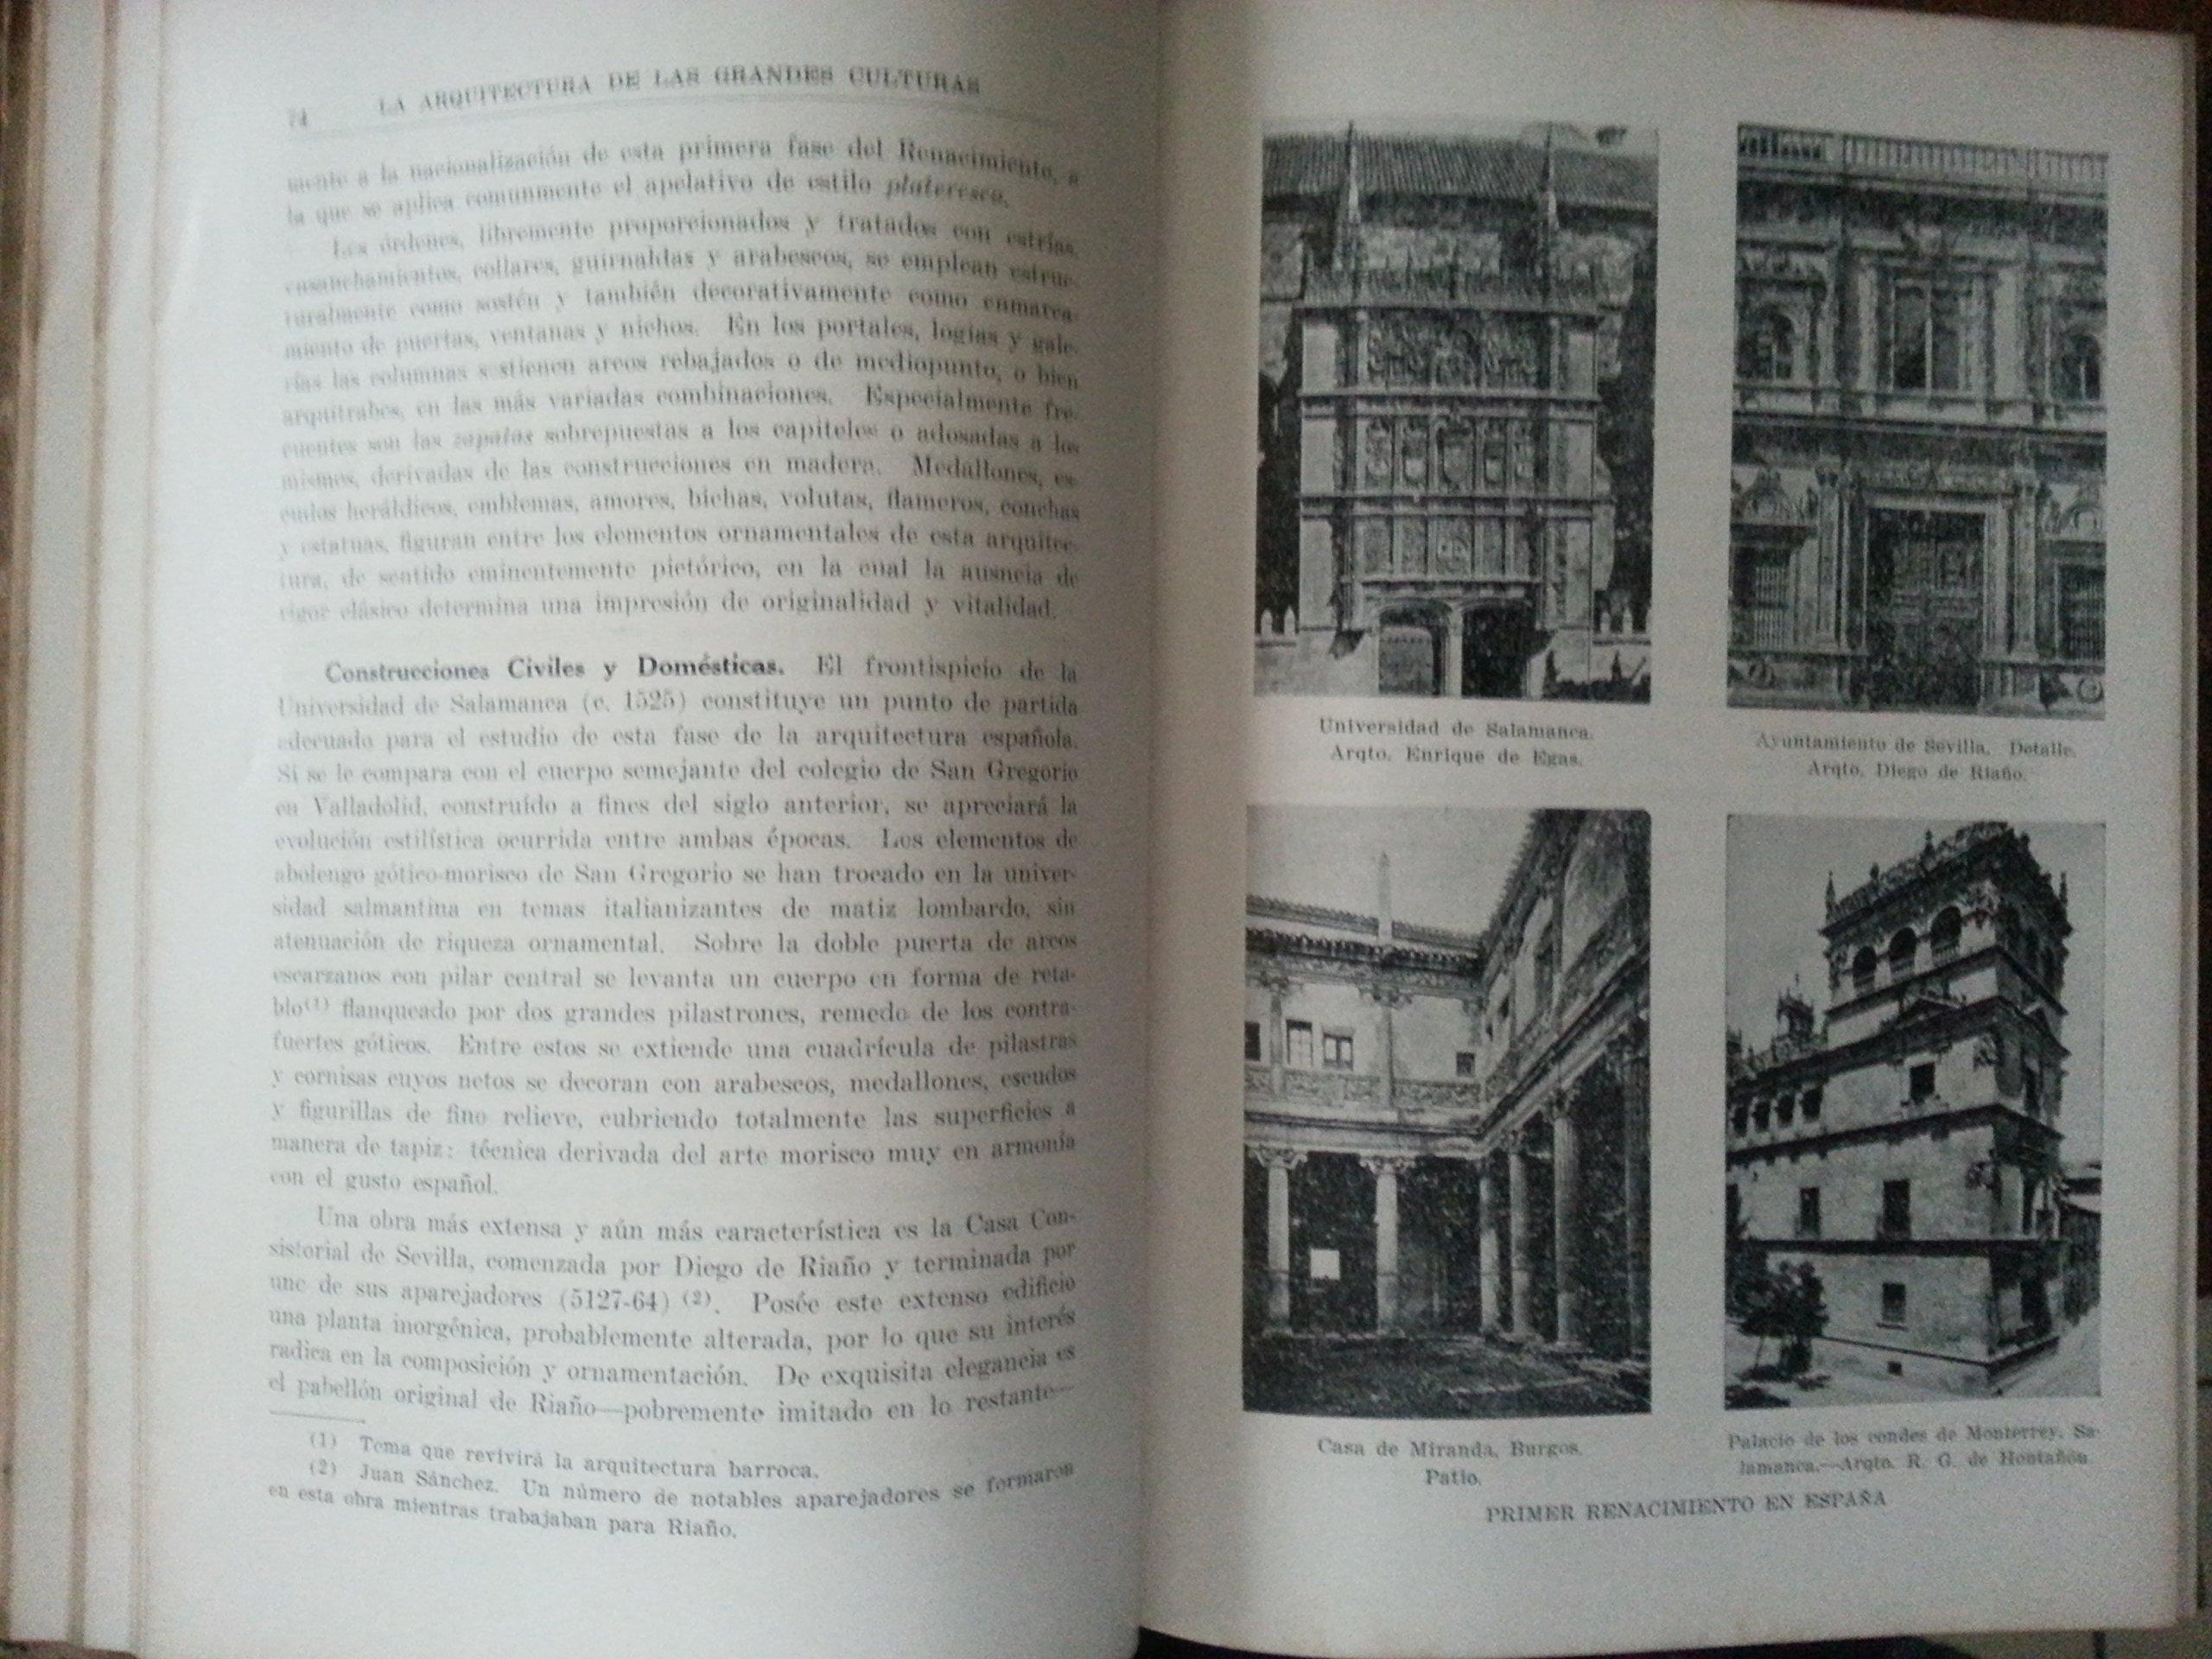 Amazon.com: La arquitectura de las grandes culturas.2 vols ...